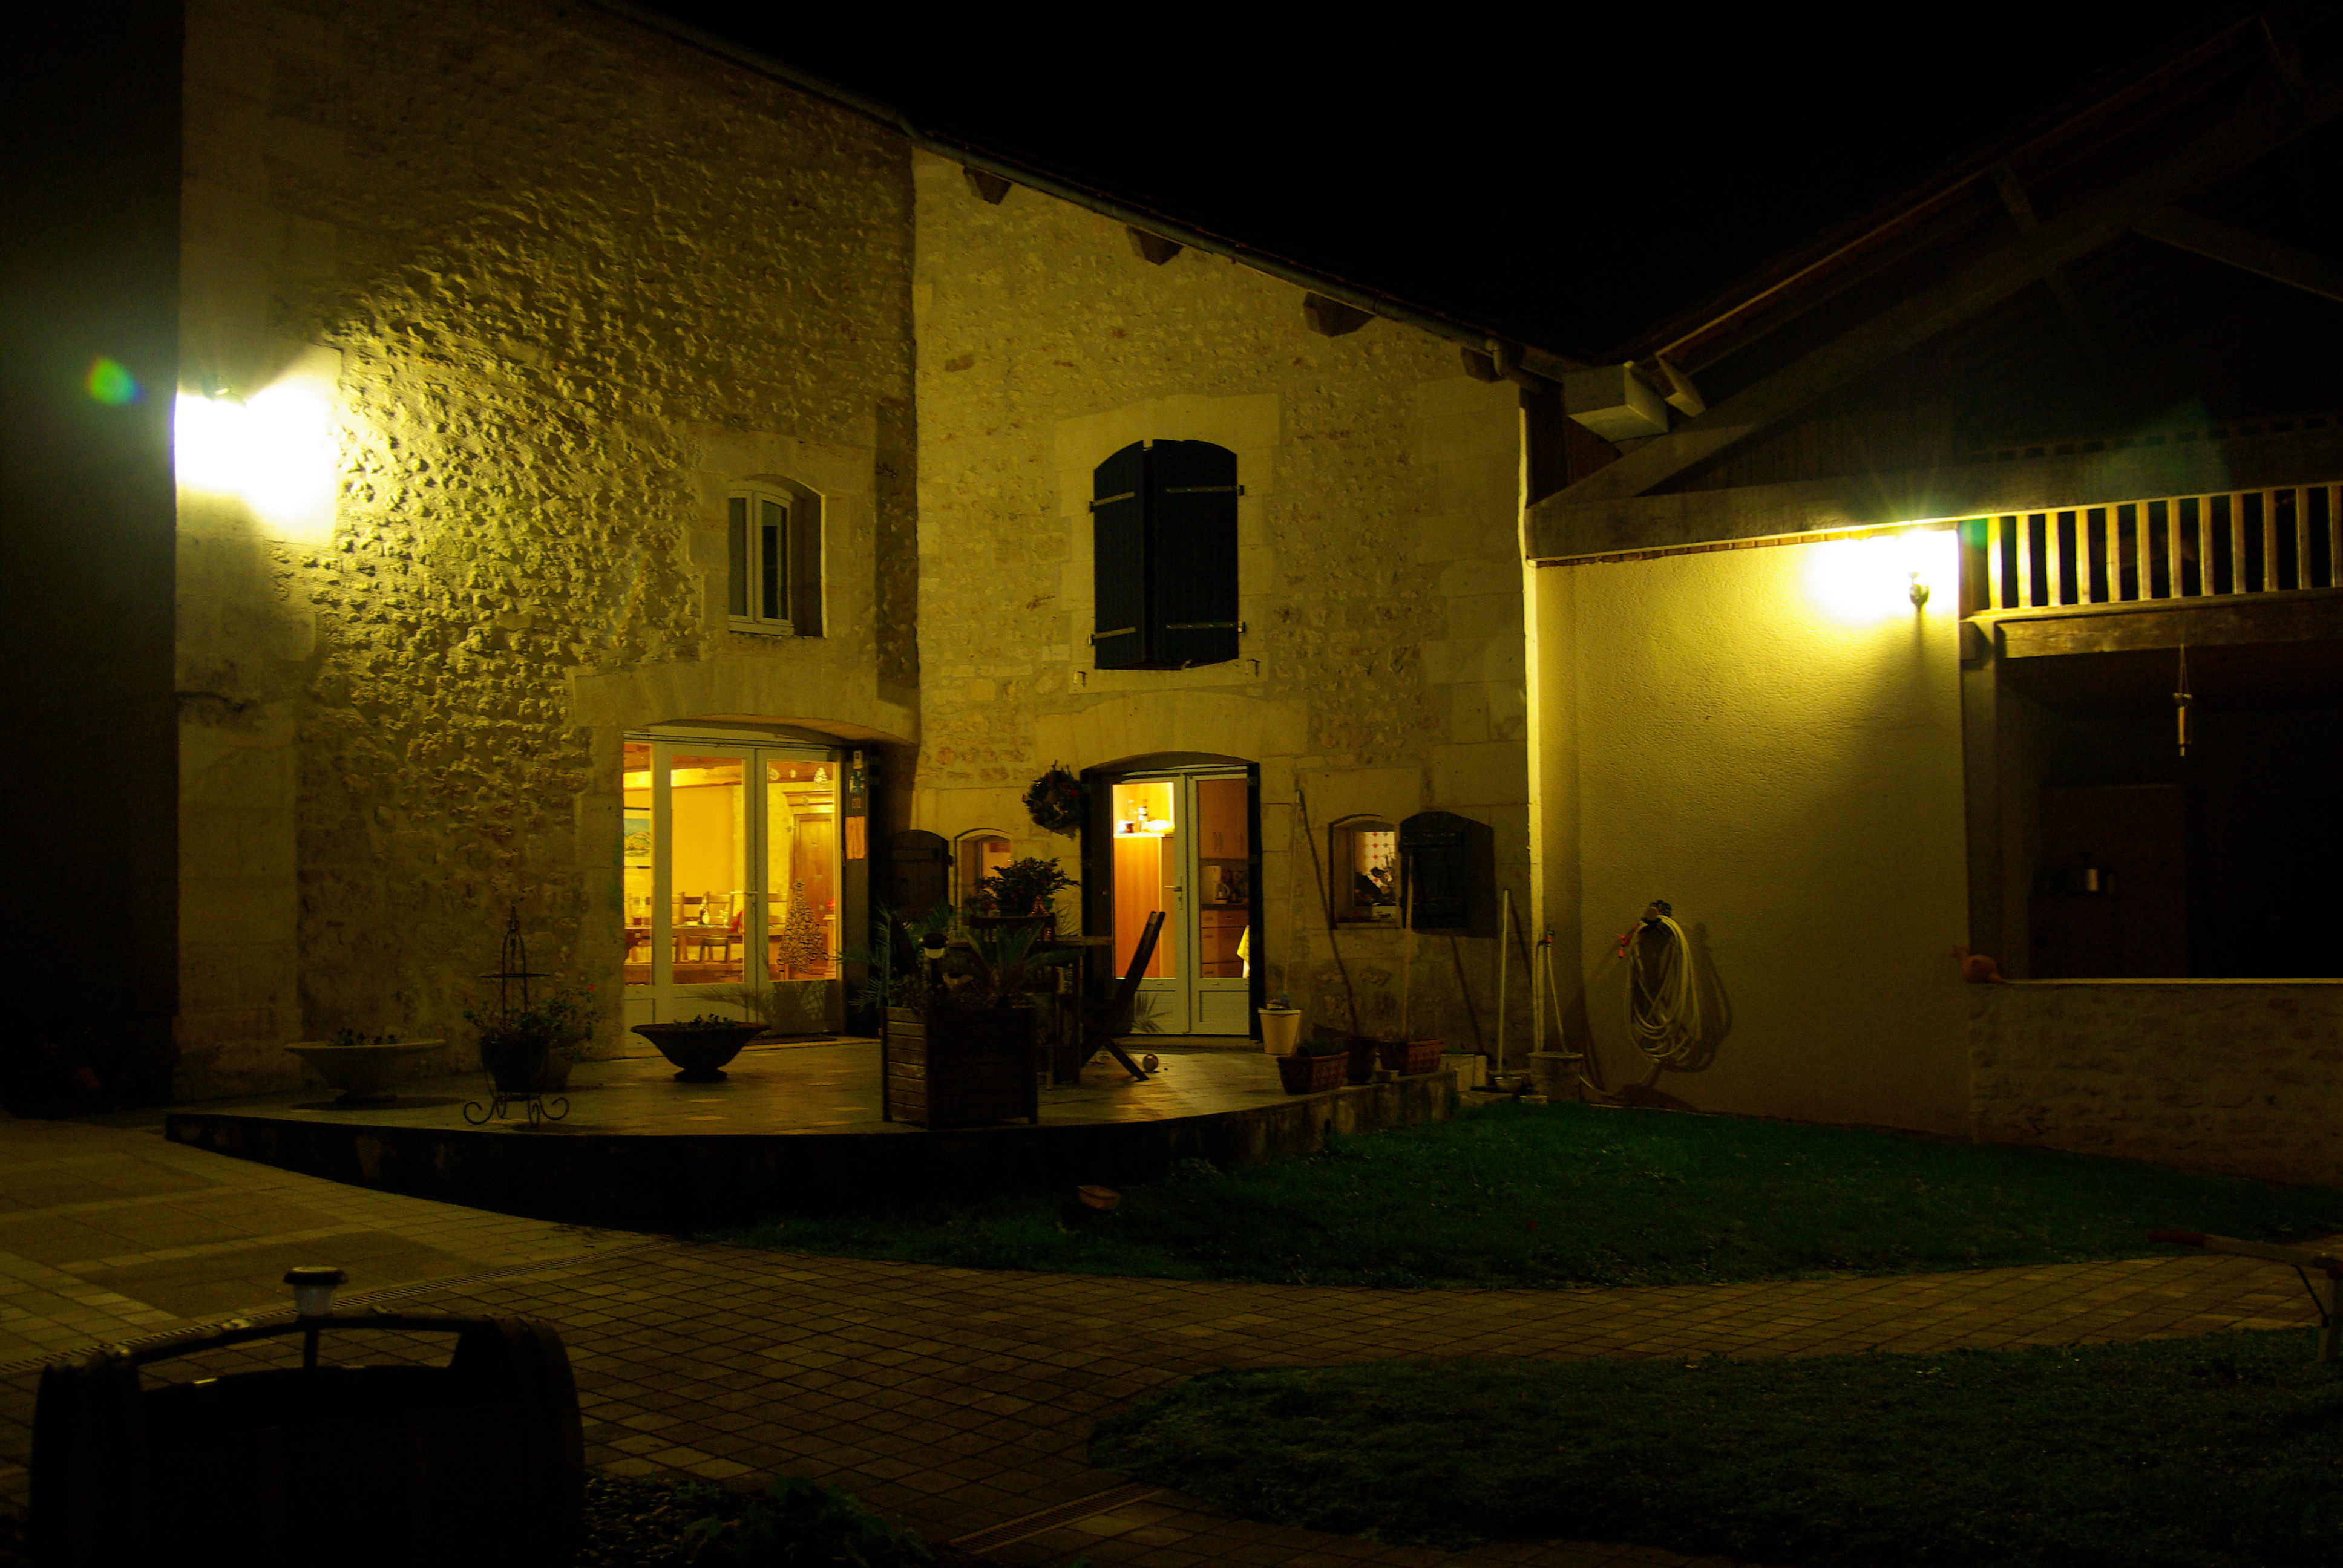 Chambres d hotes de la Pelletrie entre Cognac et Angouleme  2 km